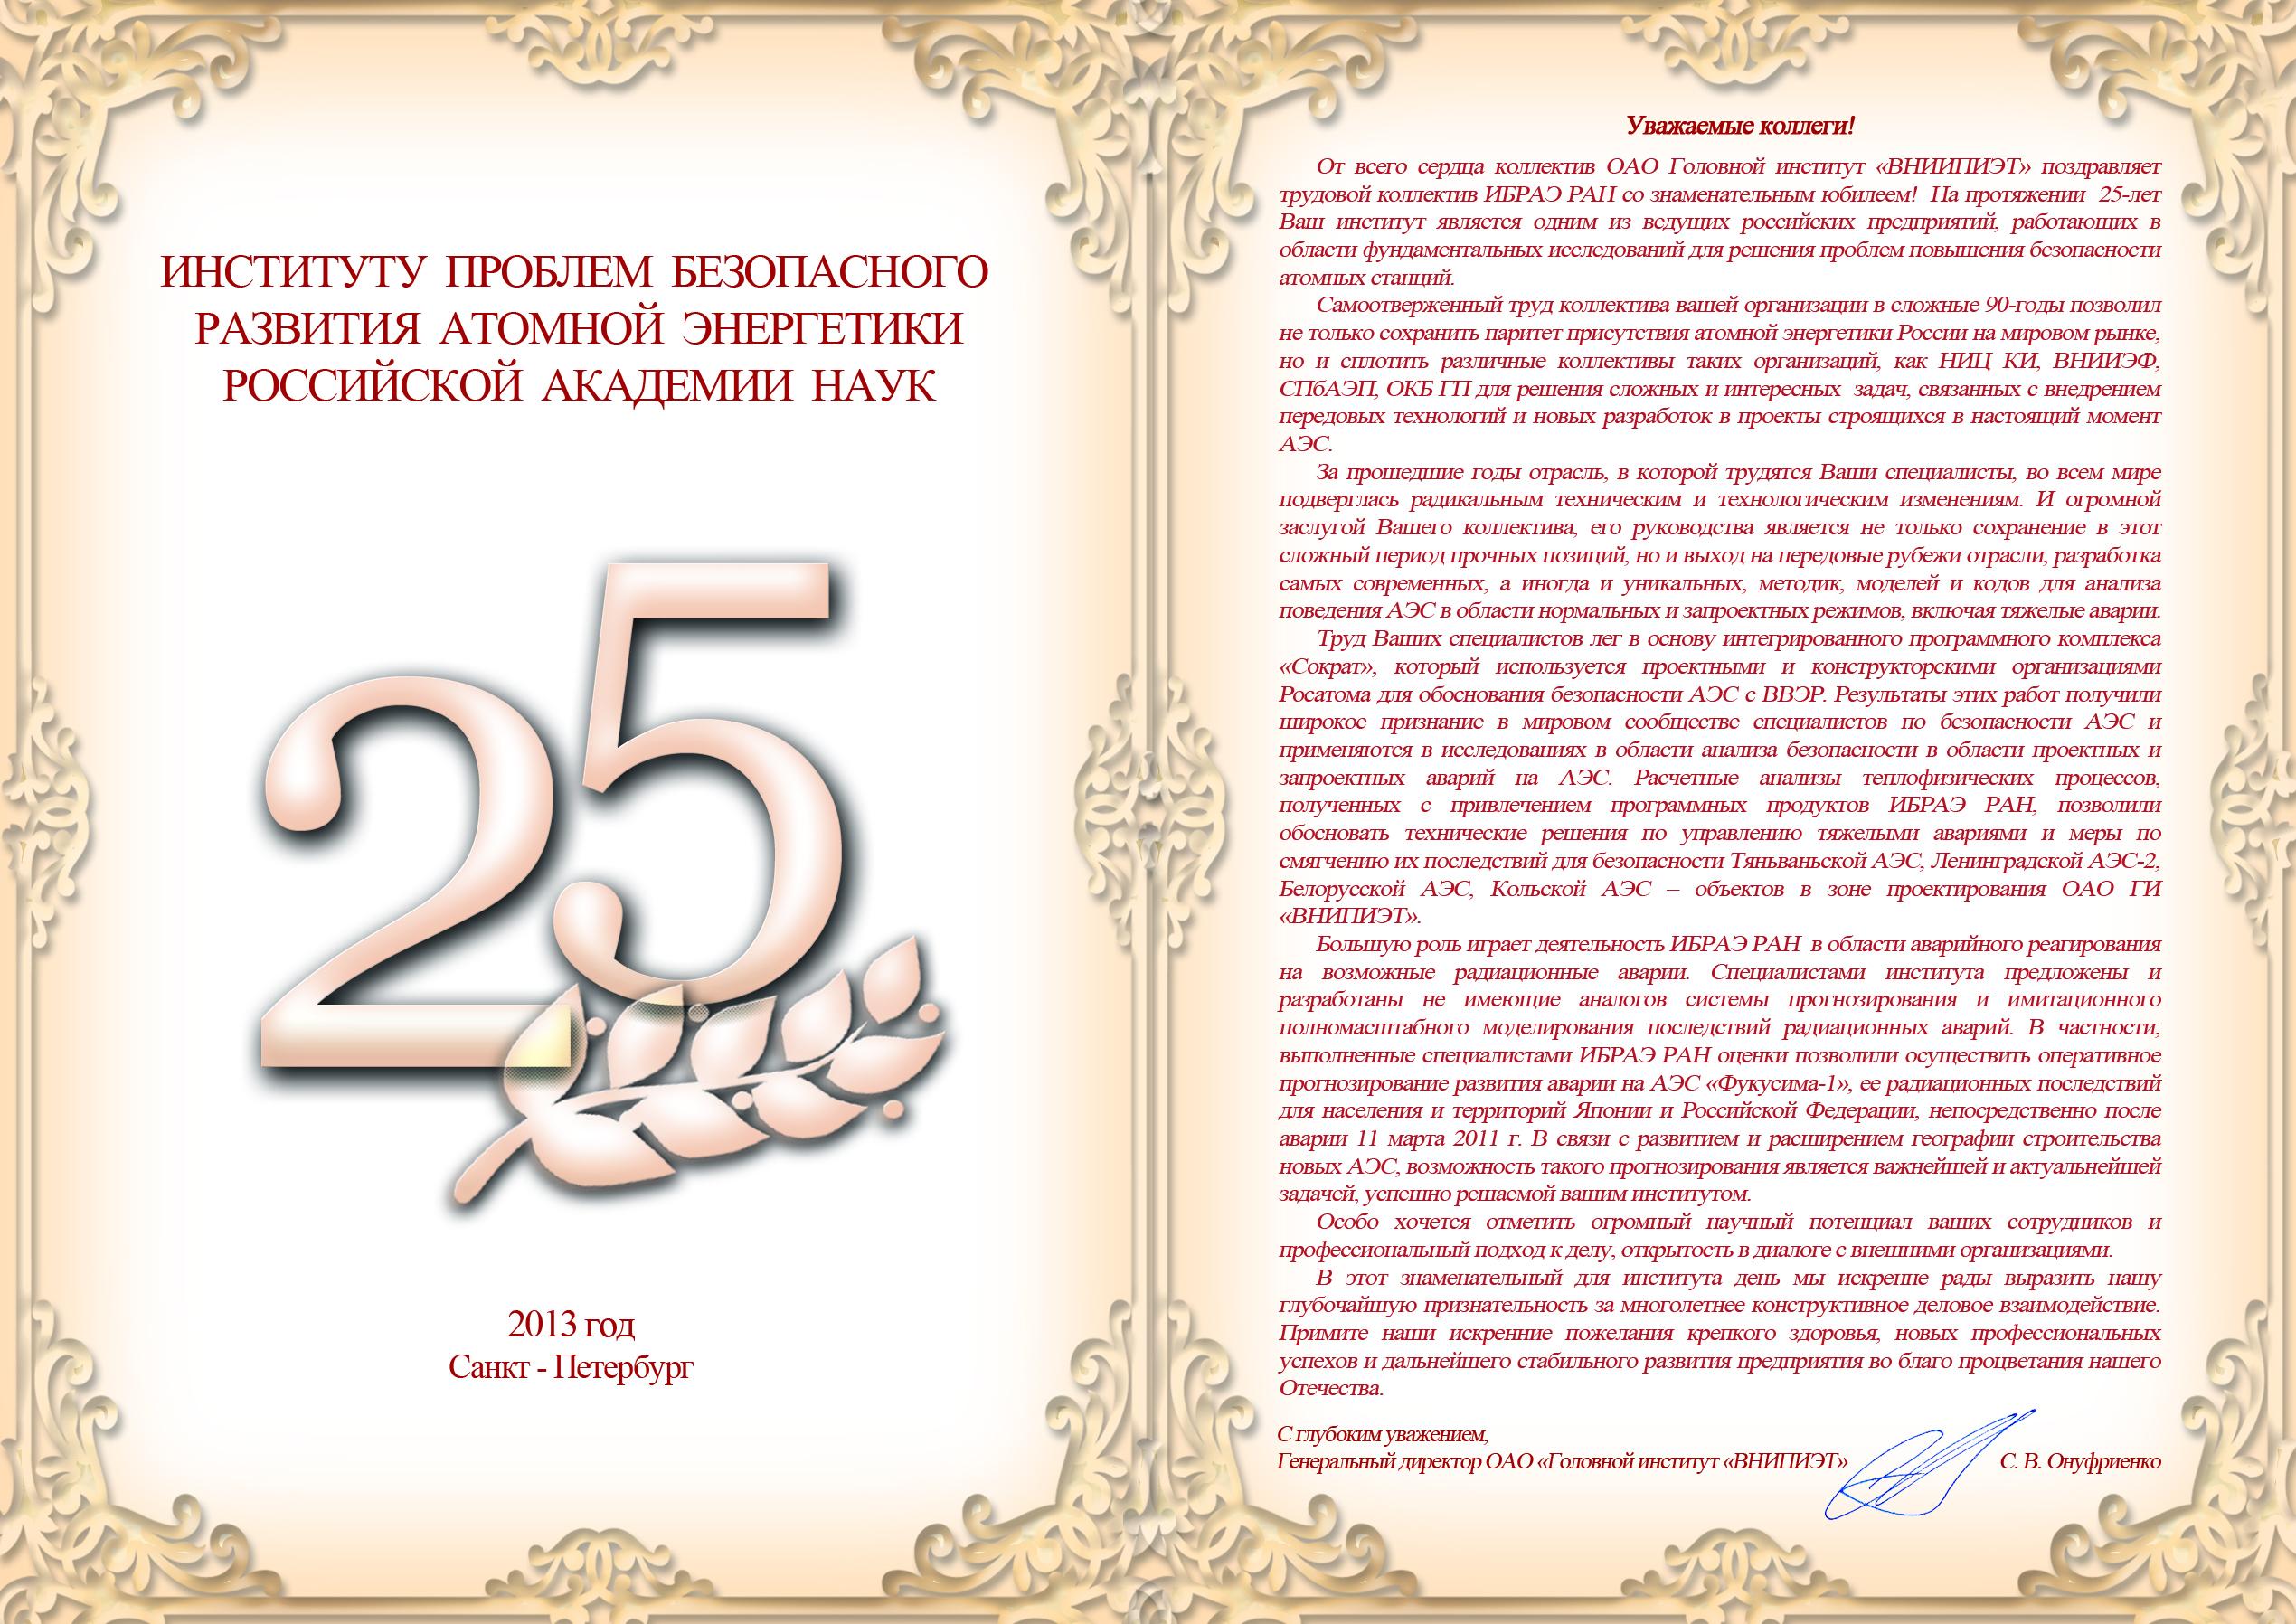 Поздравления с 25 летием компании